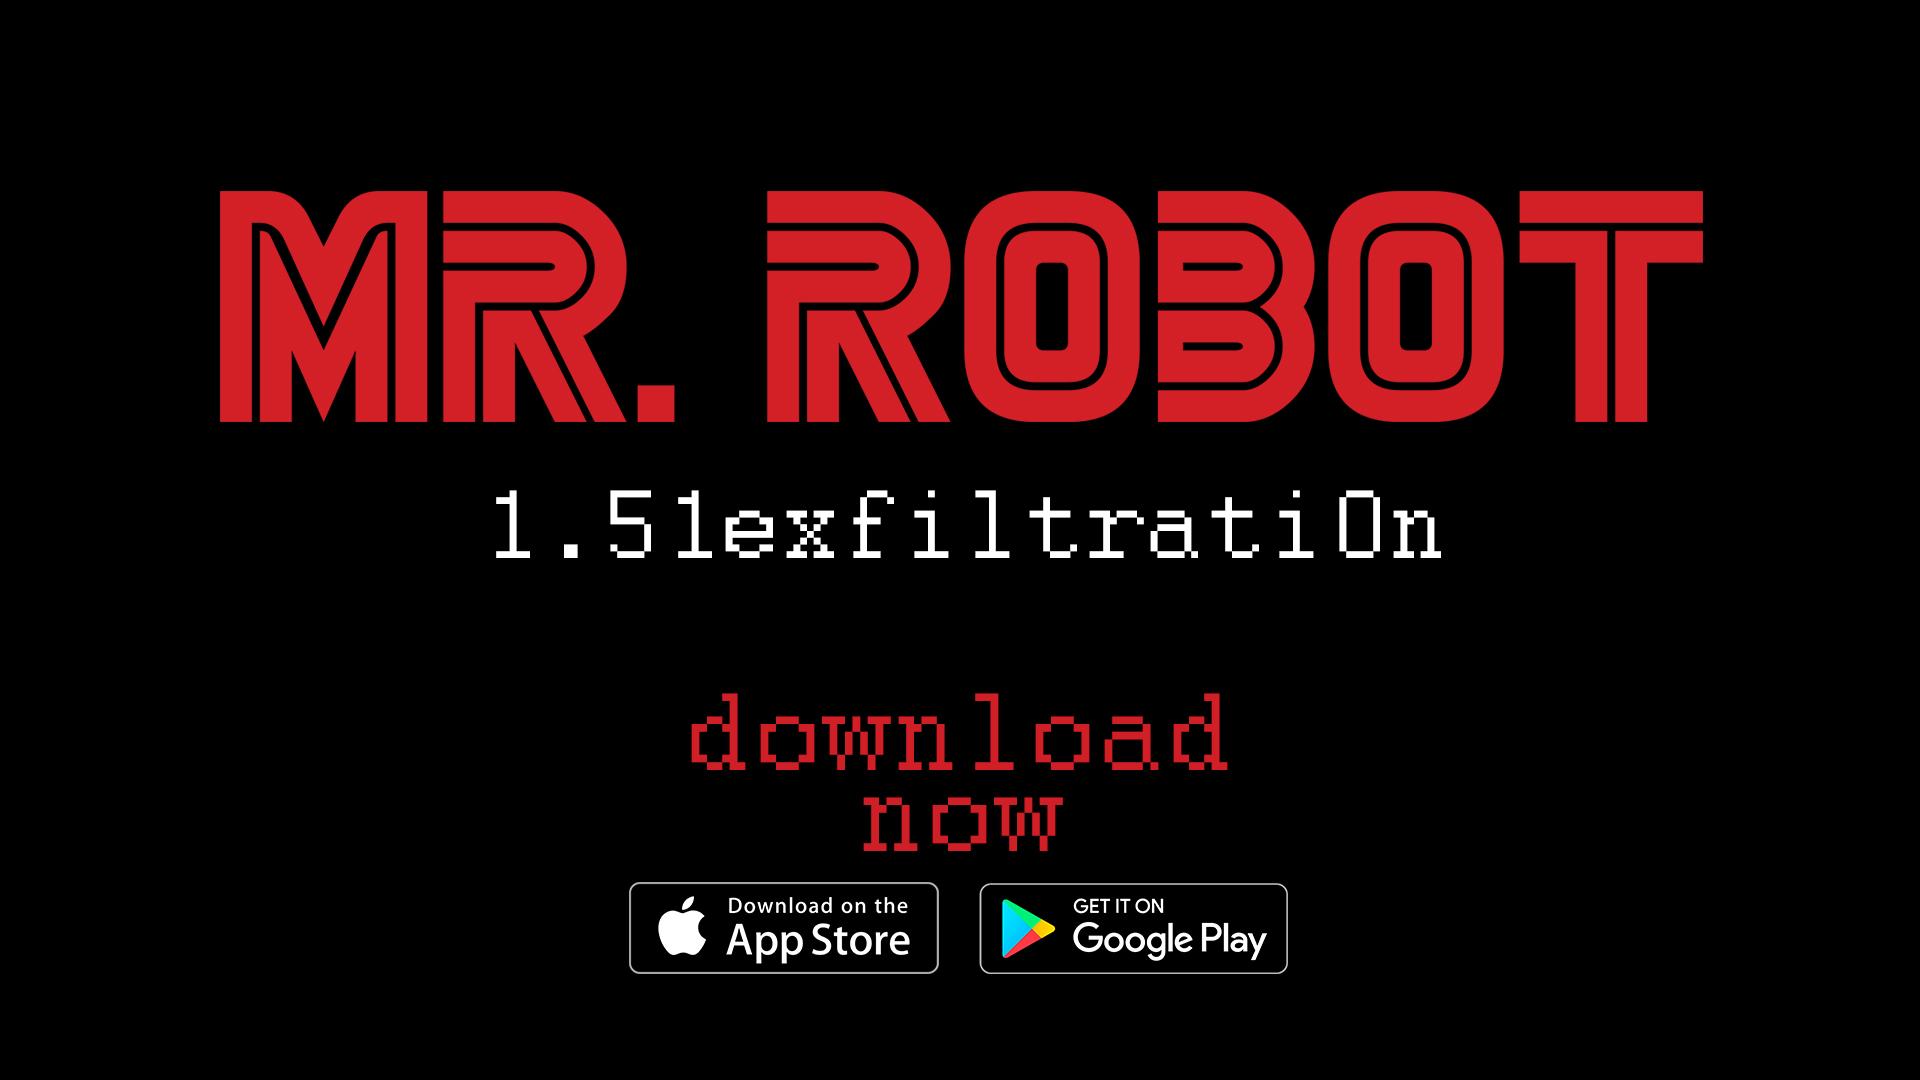 Análisis de Mr. Robot 1.51exfiltrati0n, el nuevo juego de Telltale Games y Night School Studio